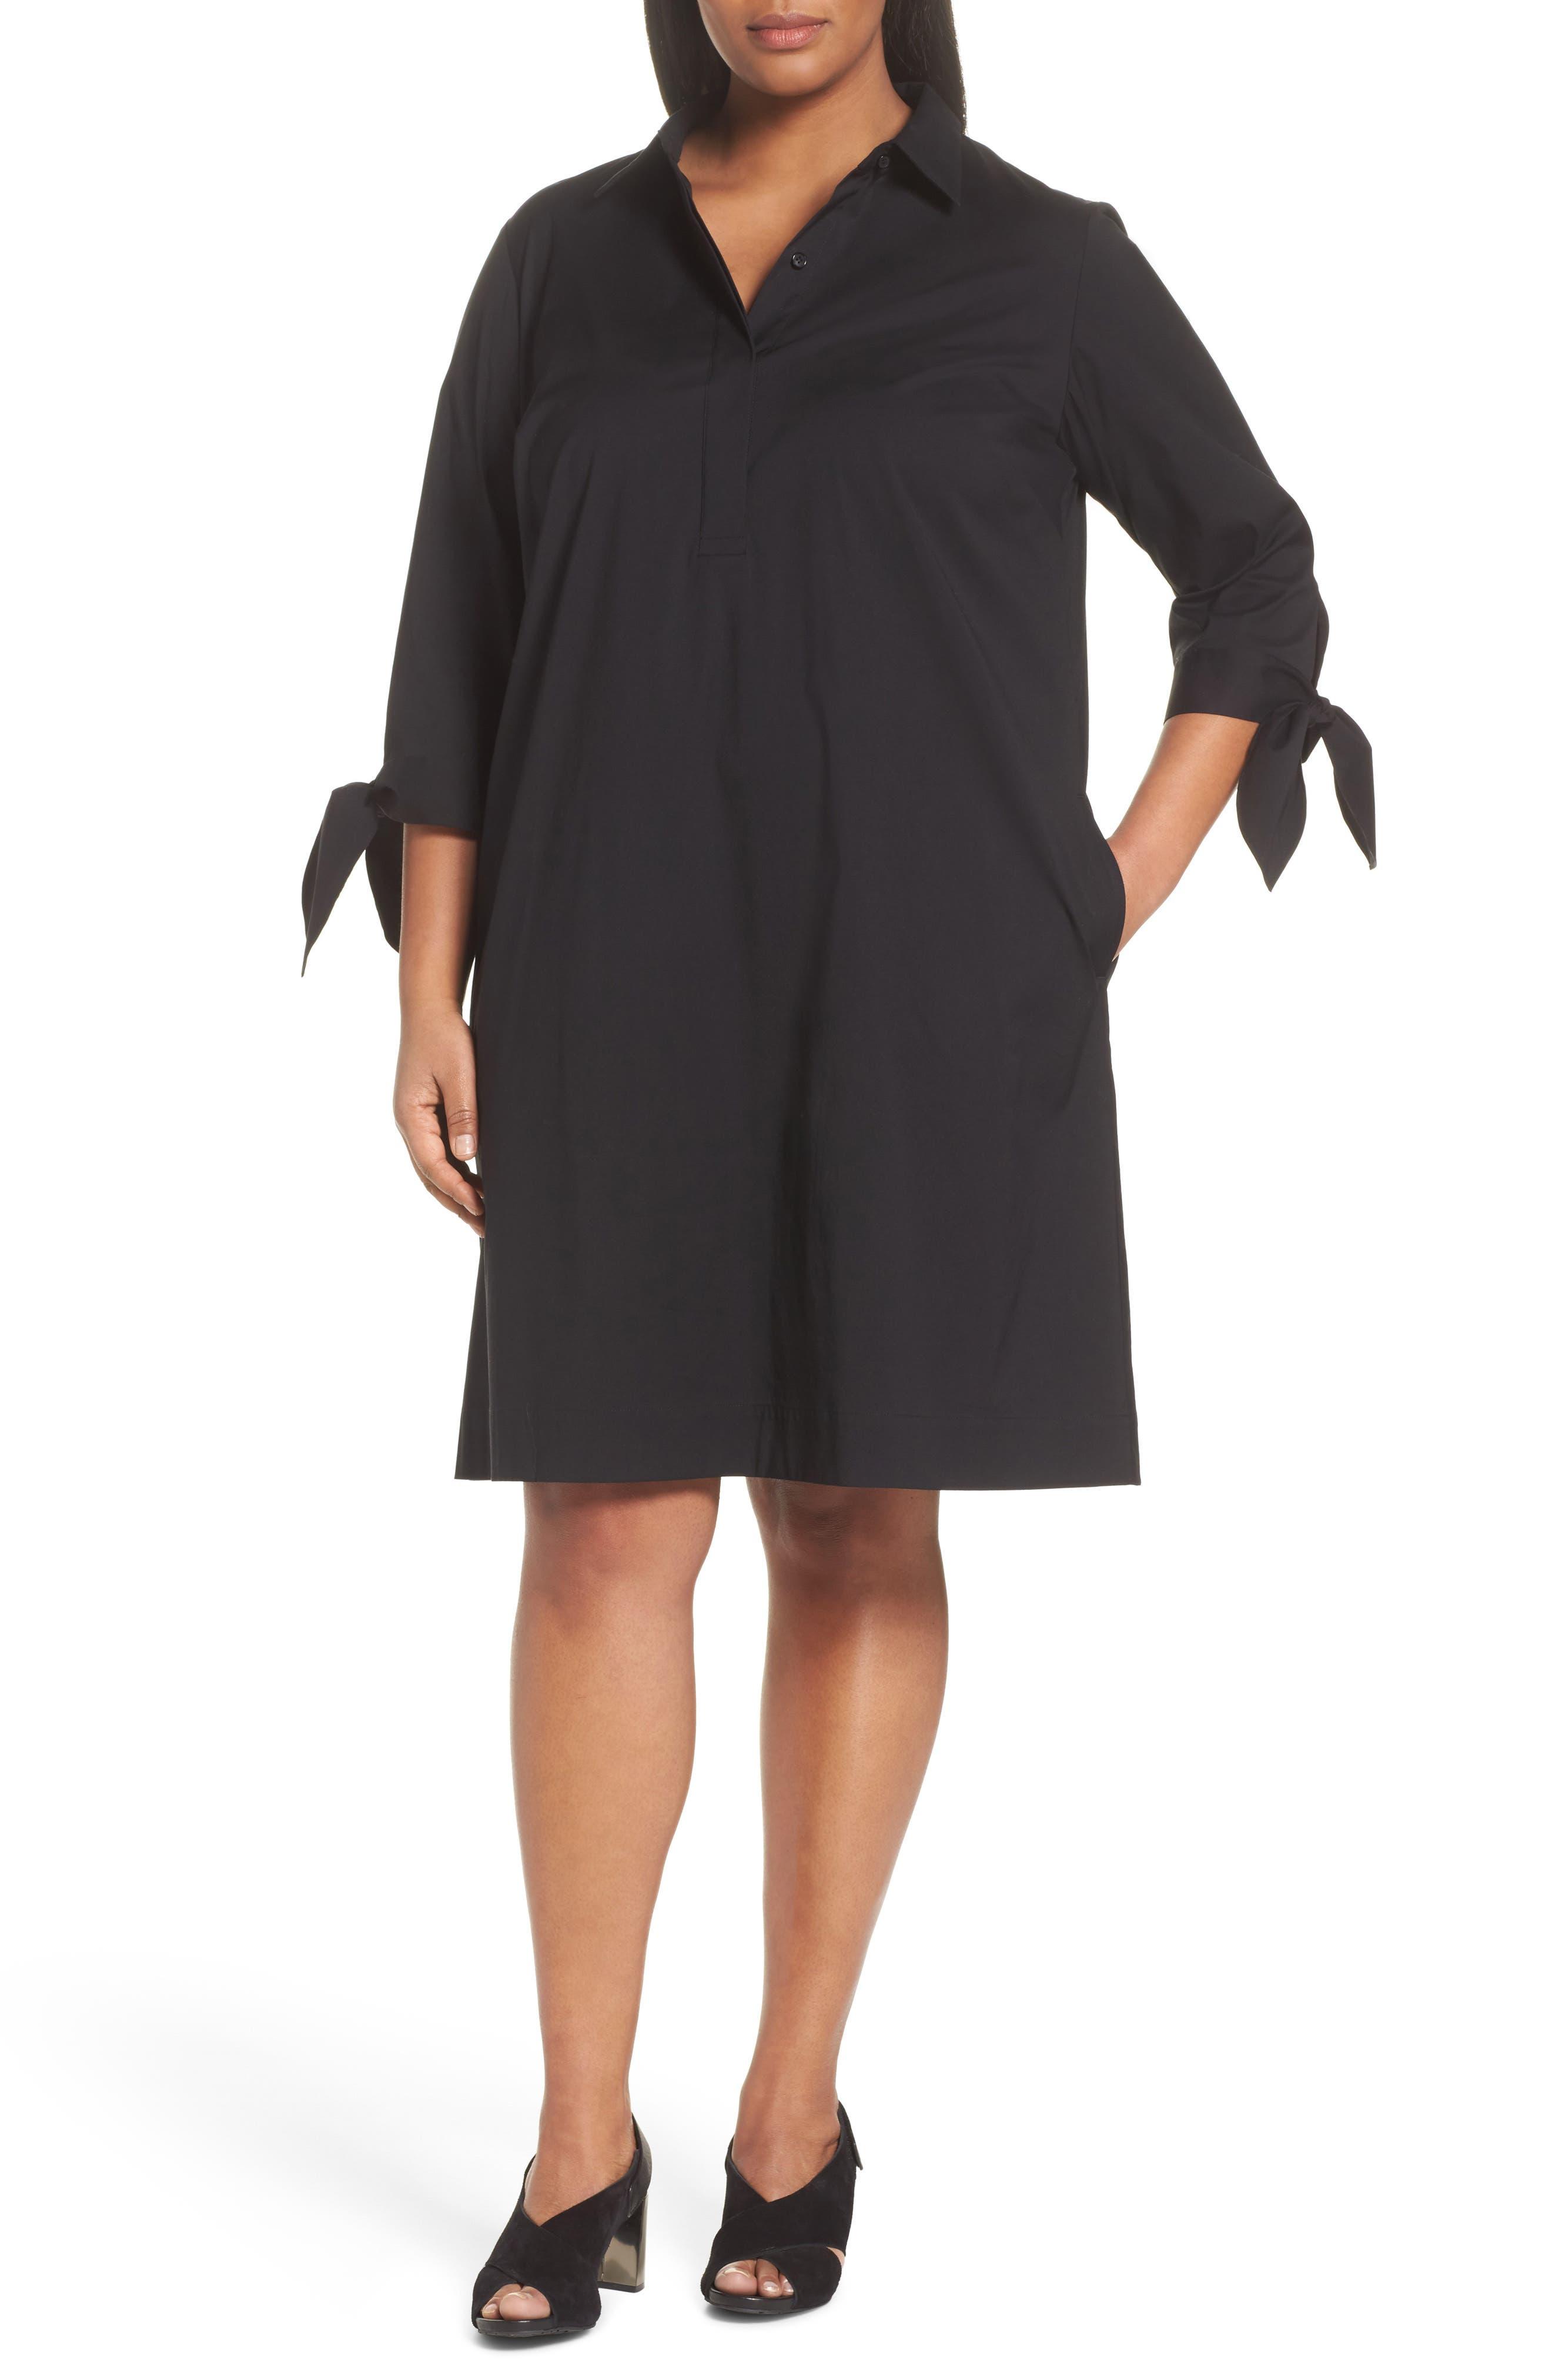 TALIA SHIRT DRESS